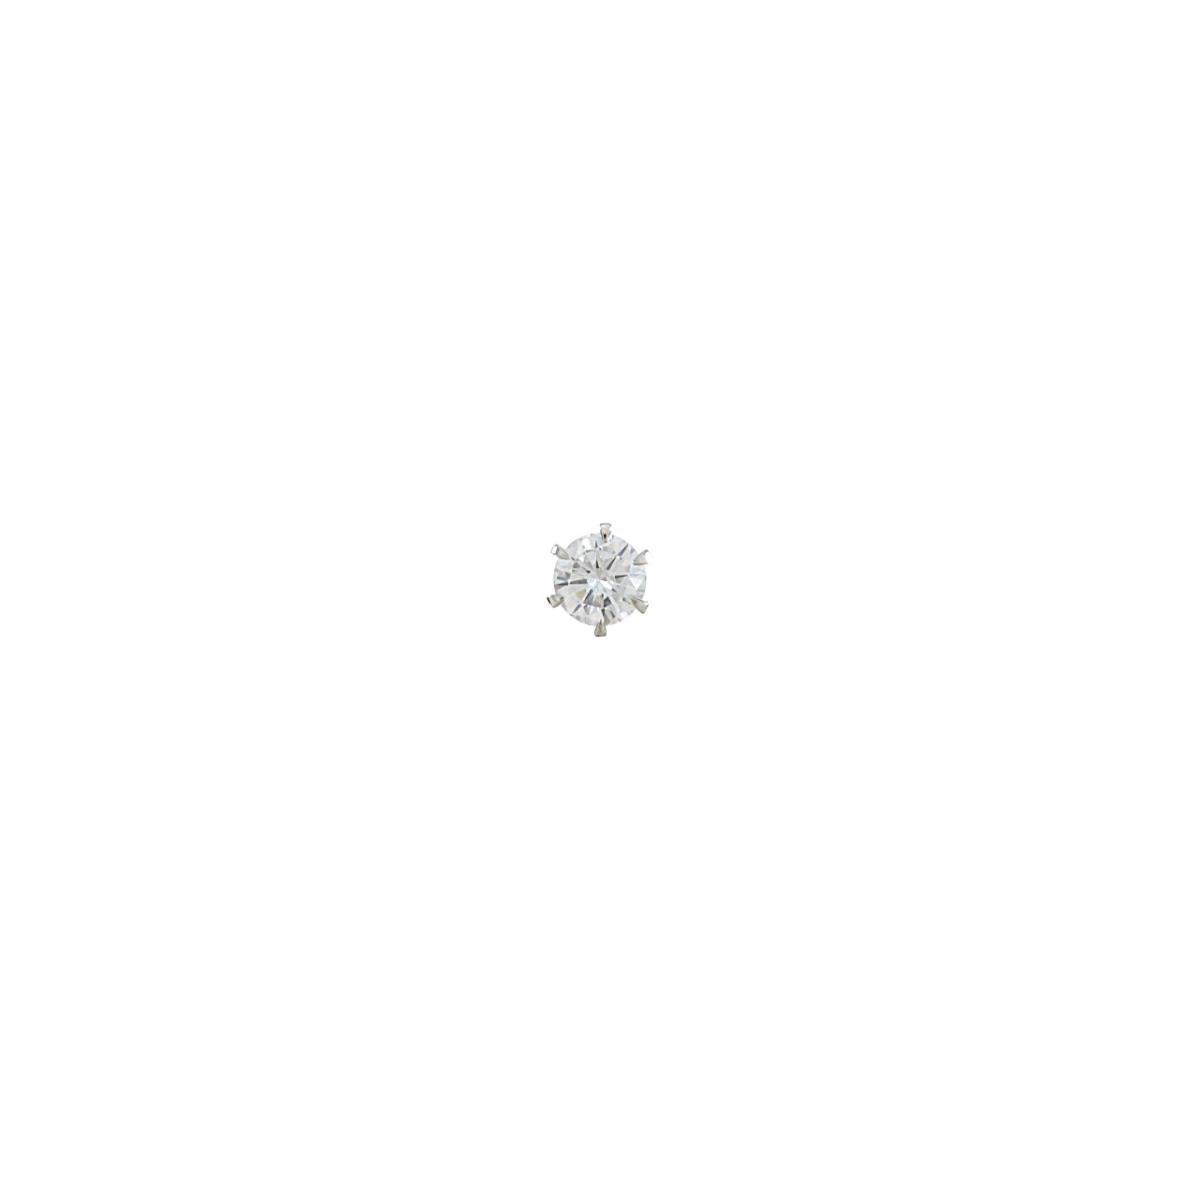 【リメイク】プラチナダイヤモンドピアス 0.309ct・D・I1・GOOD 片耳【中古】